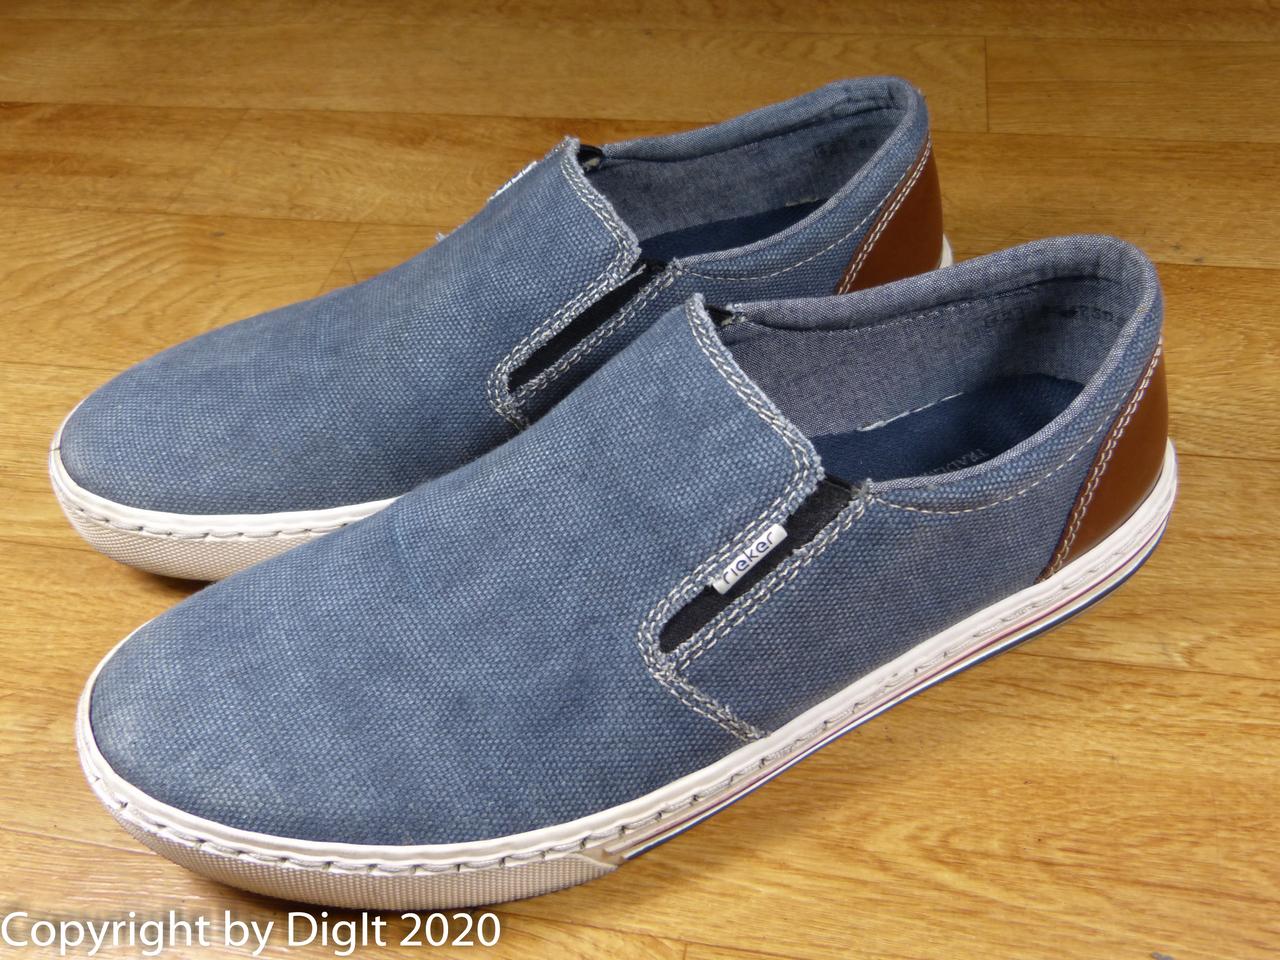 Details zu Schuhe Rieker Sneaker Slipper Leinen Gr. 42, guter Zustand